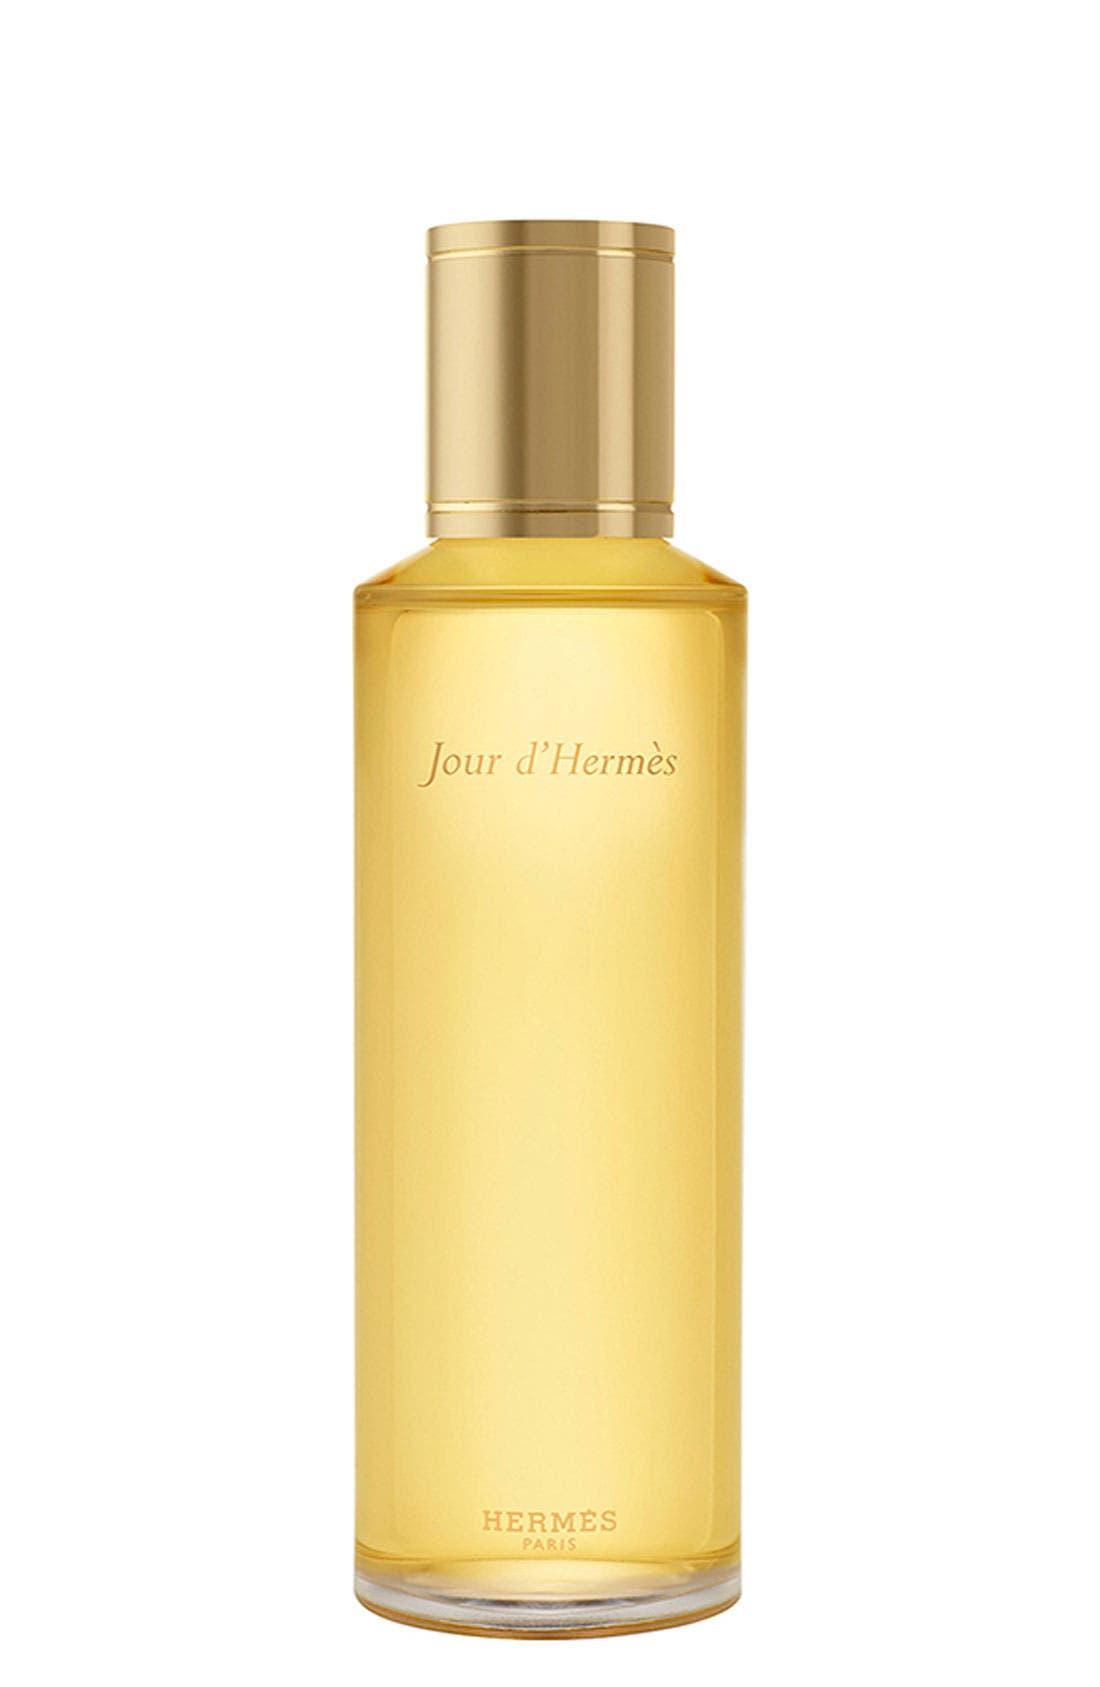 HERMÈS,                             Jour d'Hermès - Eau de parfum,                             Main thumbnail 1, color,                             000